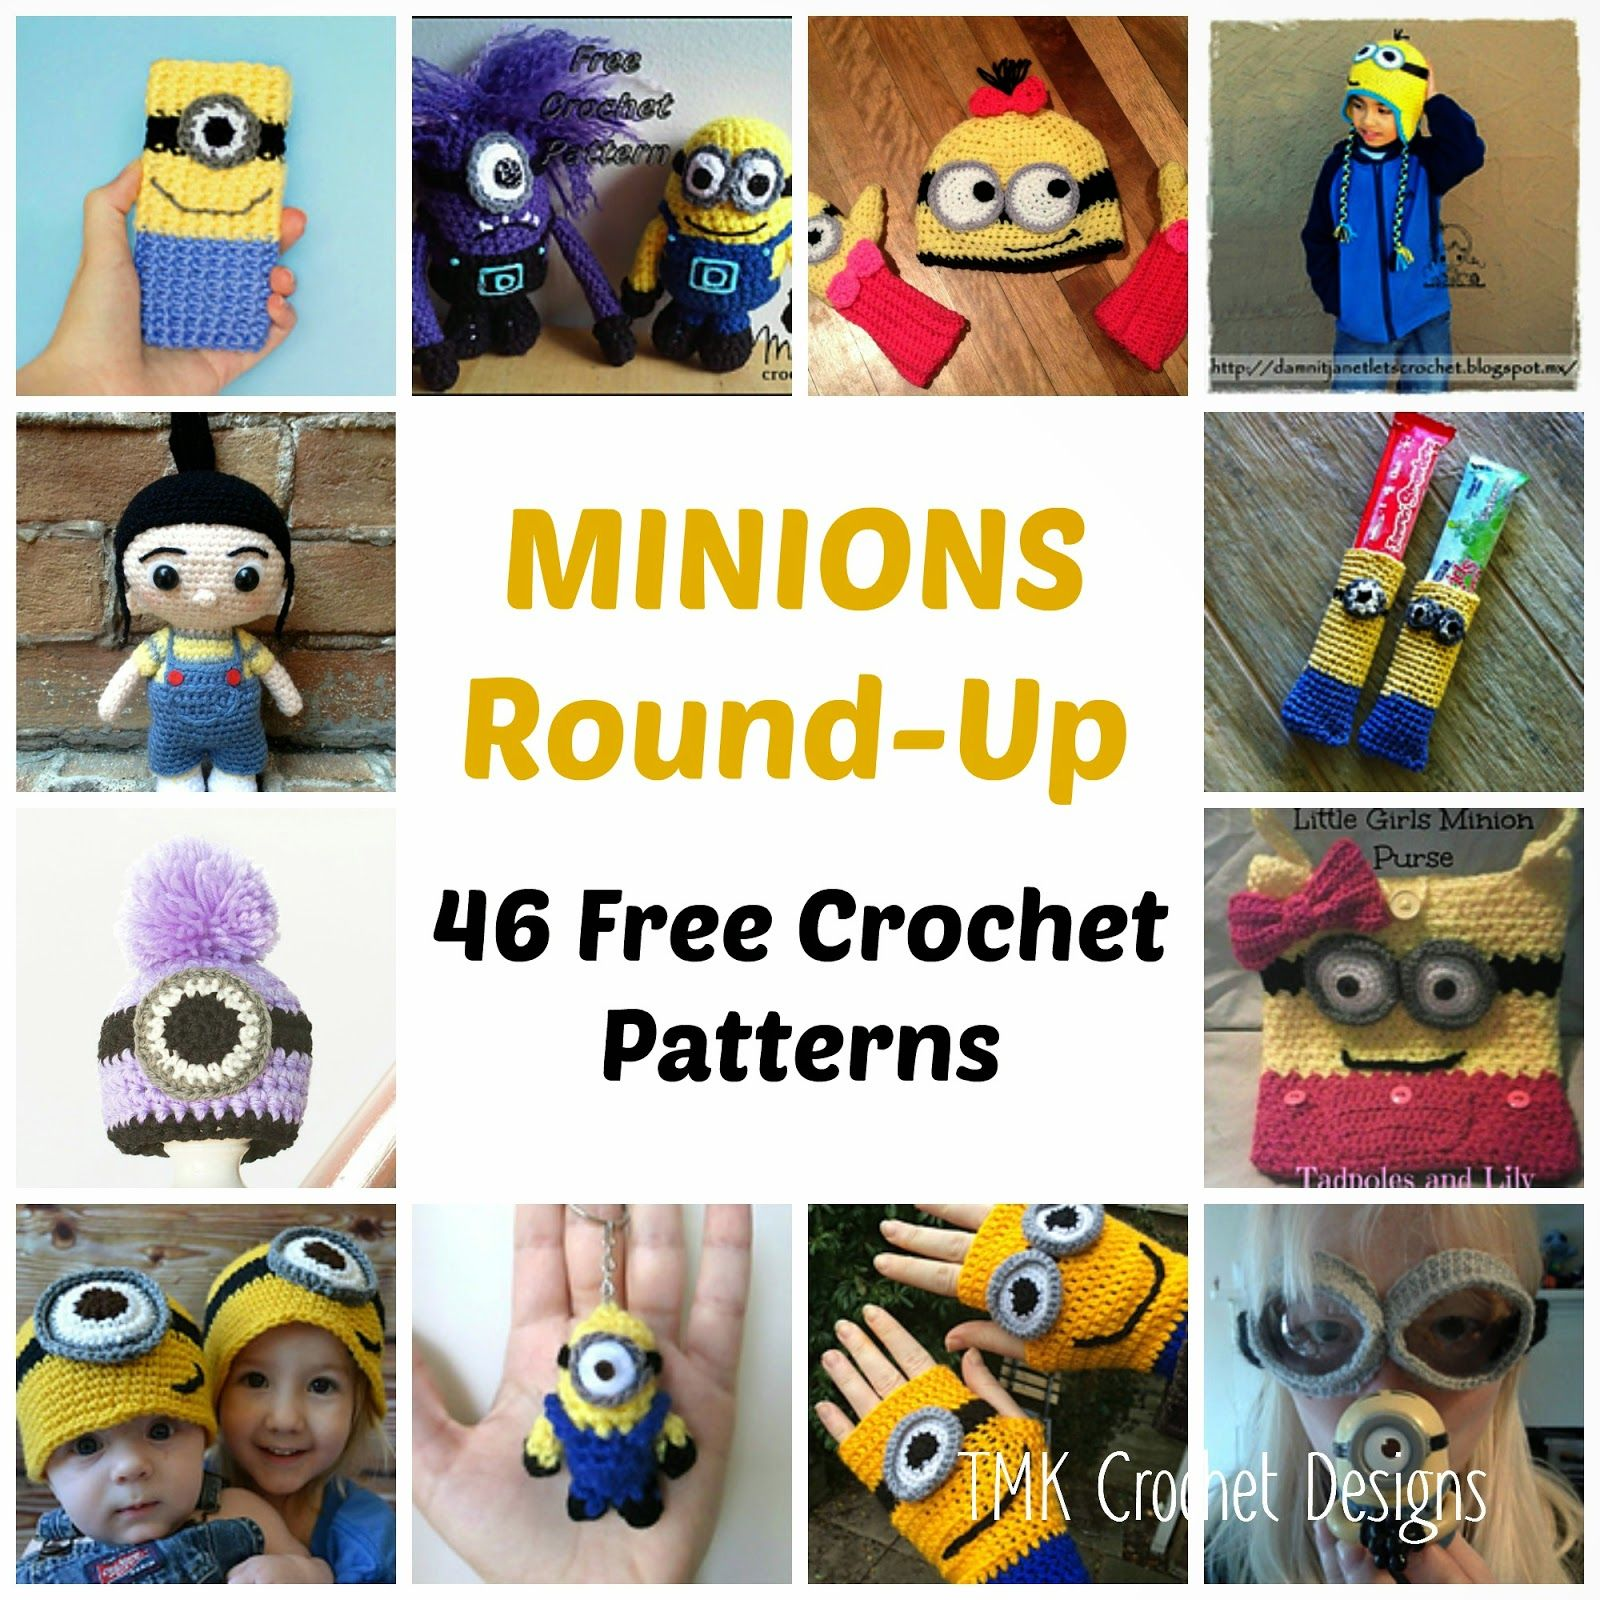 Free crochet pattern round up minions hats scarves mittens free crochet pattern round up minions hats scarves mittens phone bankloansurffo Choice Image